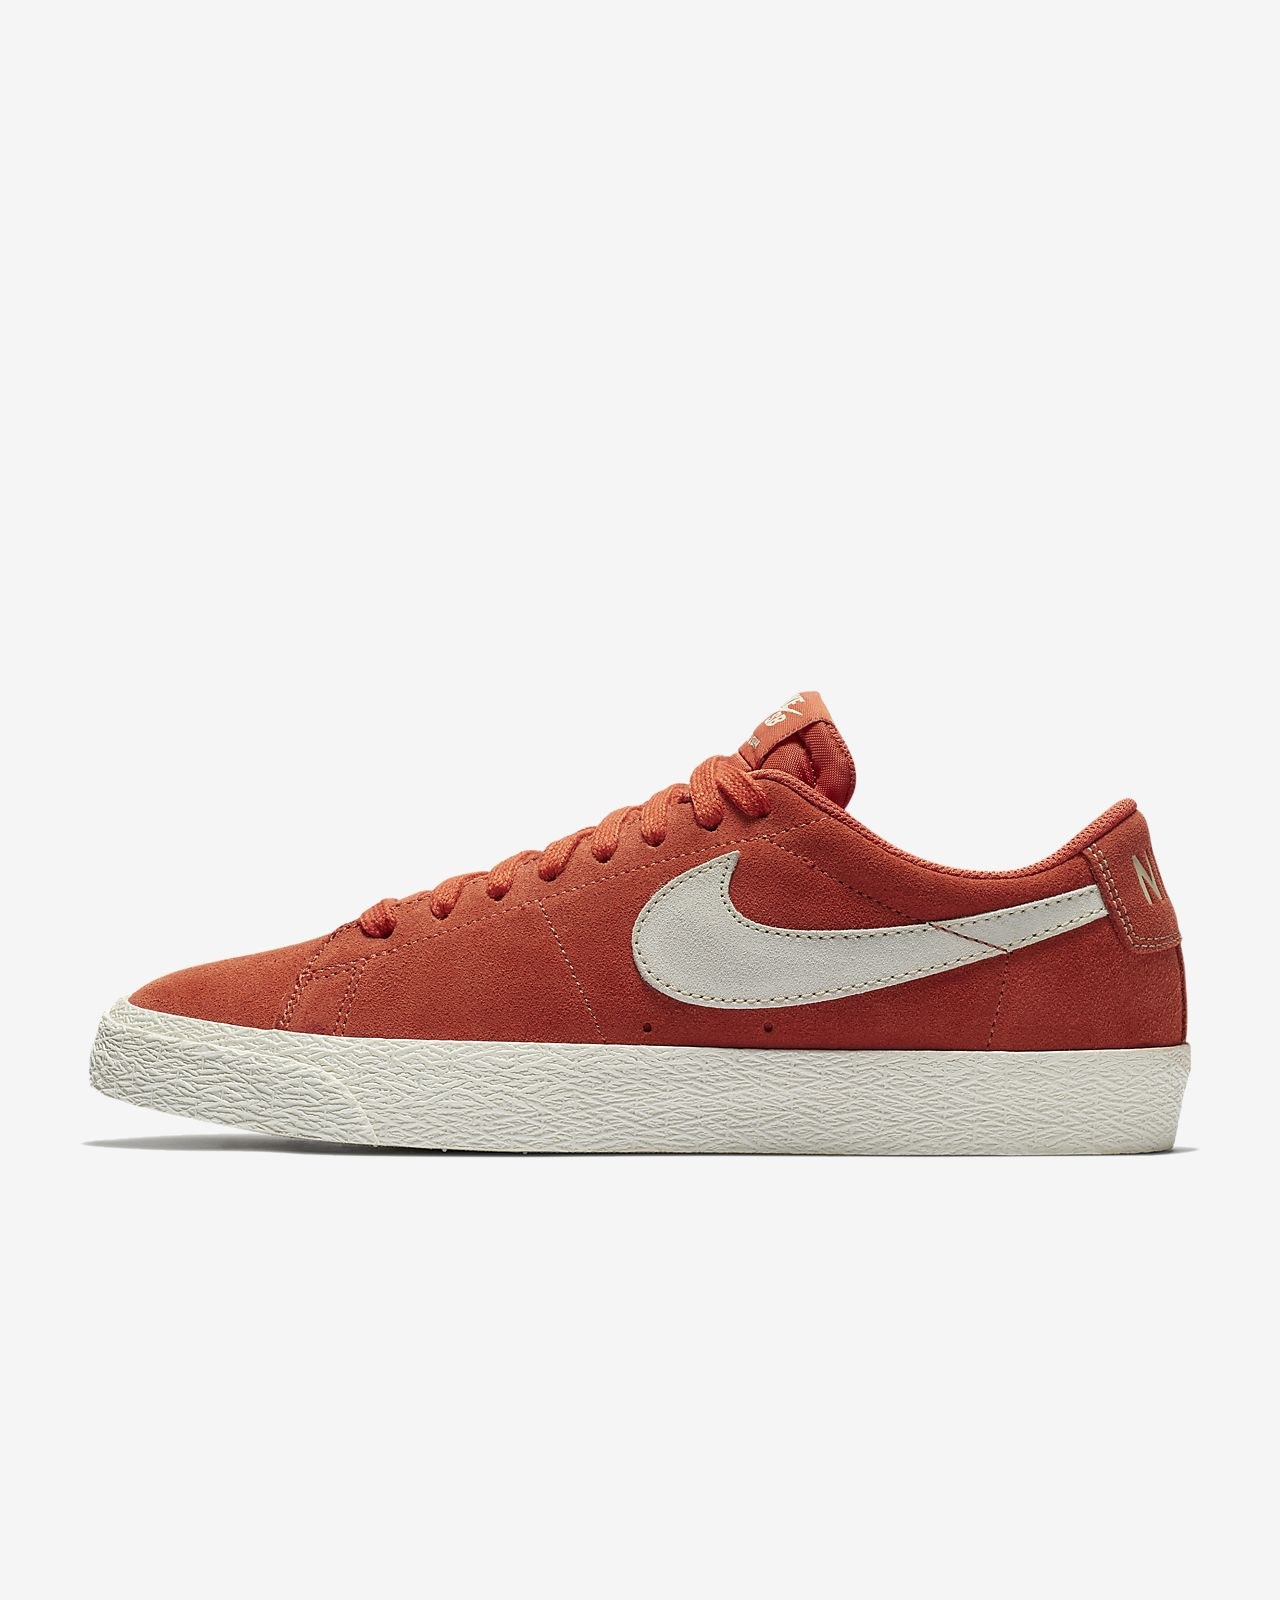 Nike SB Blazer Low XT Men's Skateboarding Shoes Black/Brown/White dI6441X